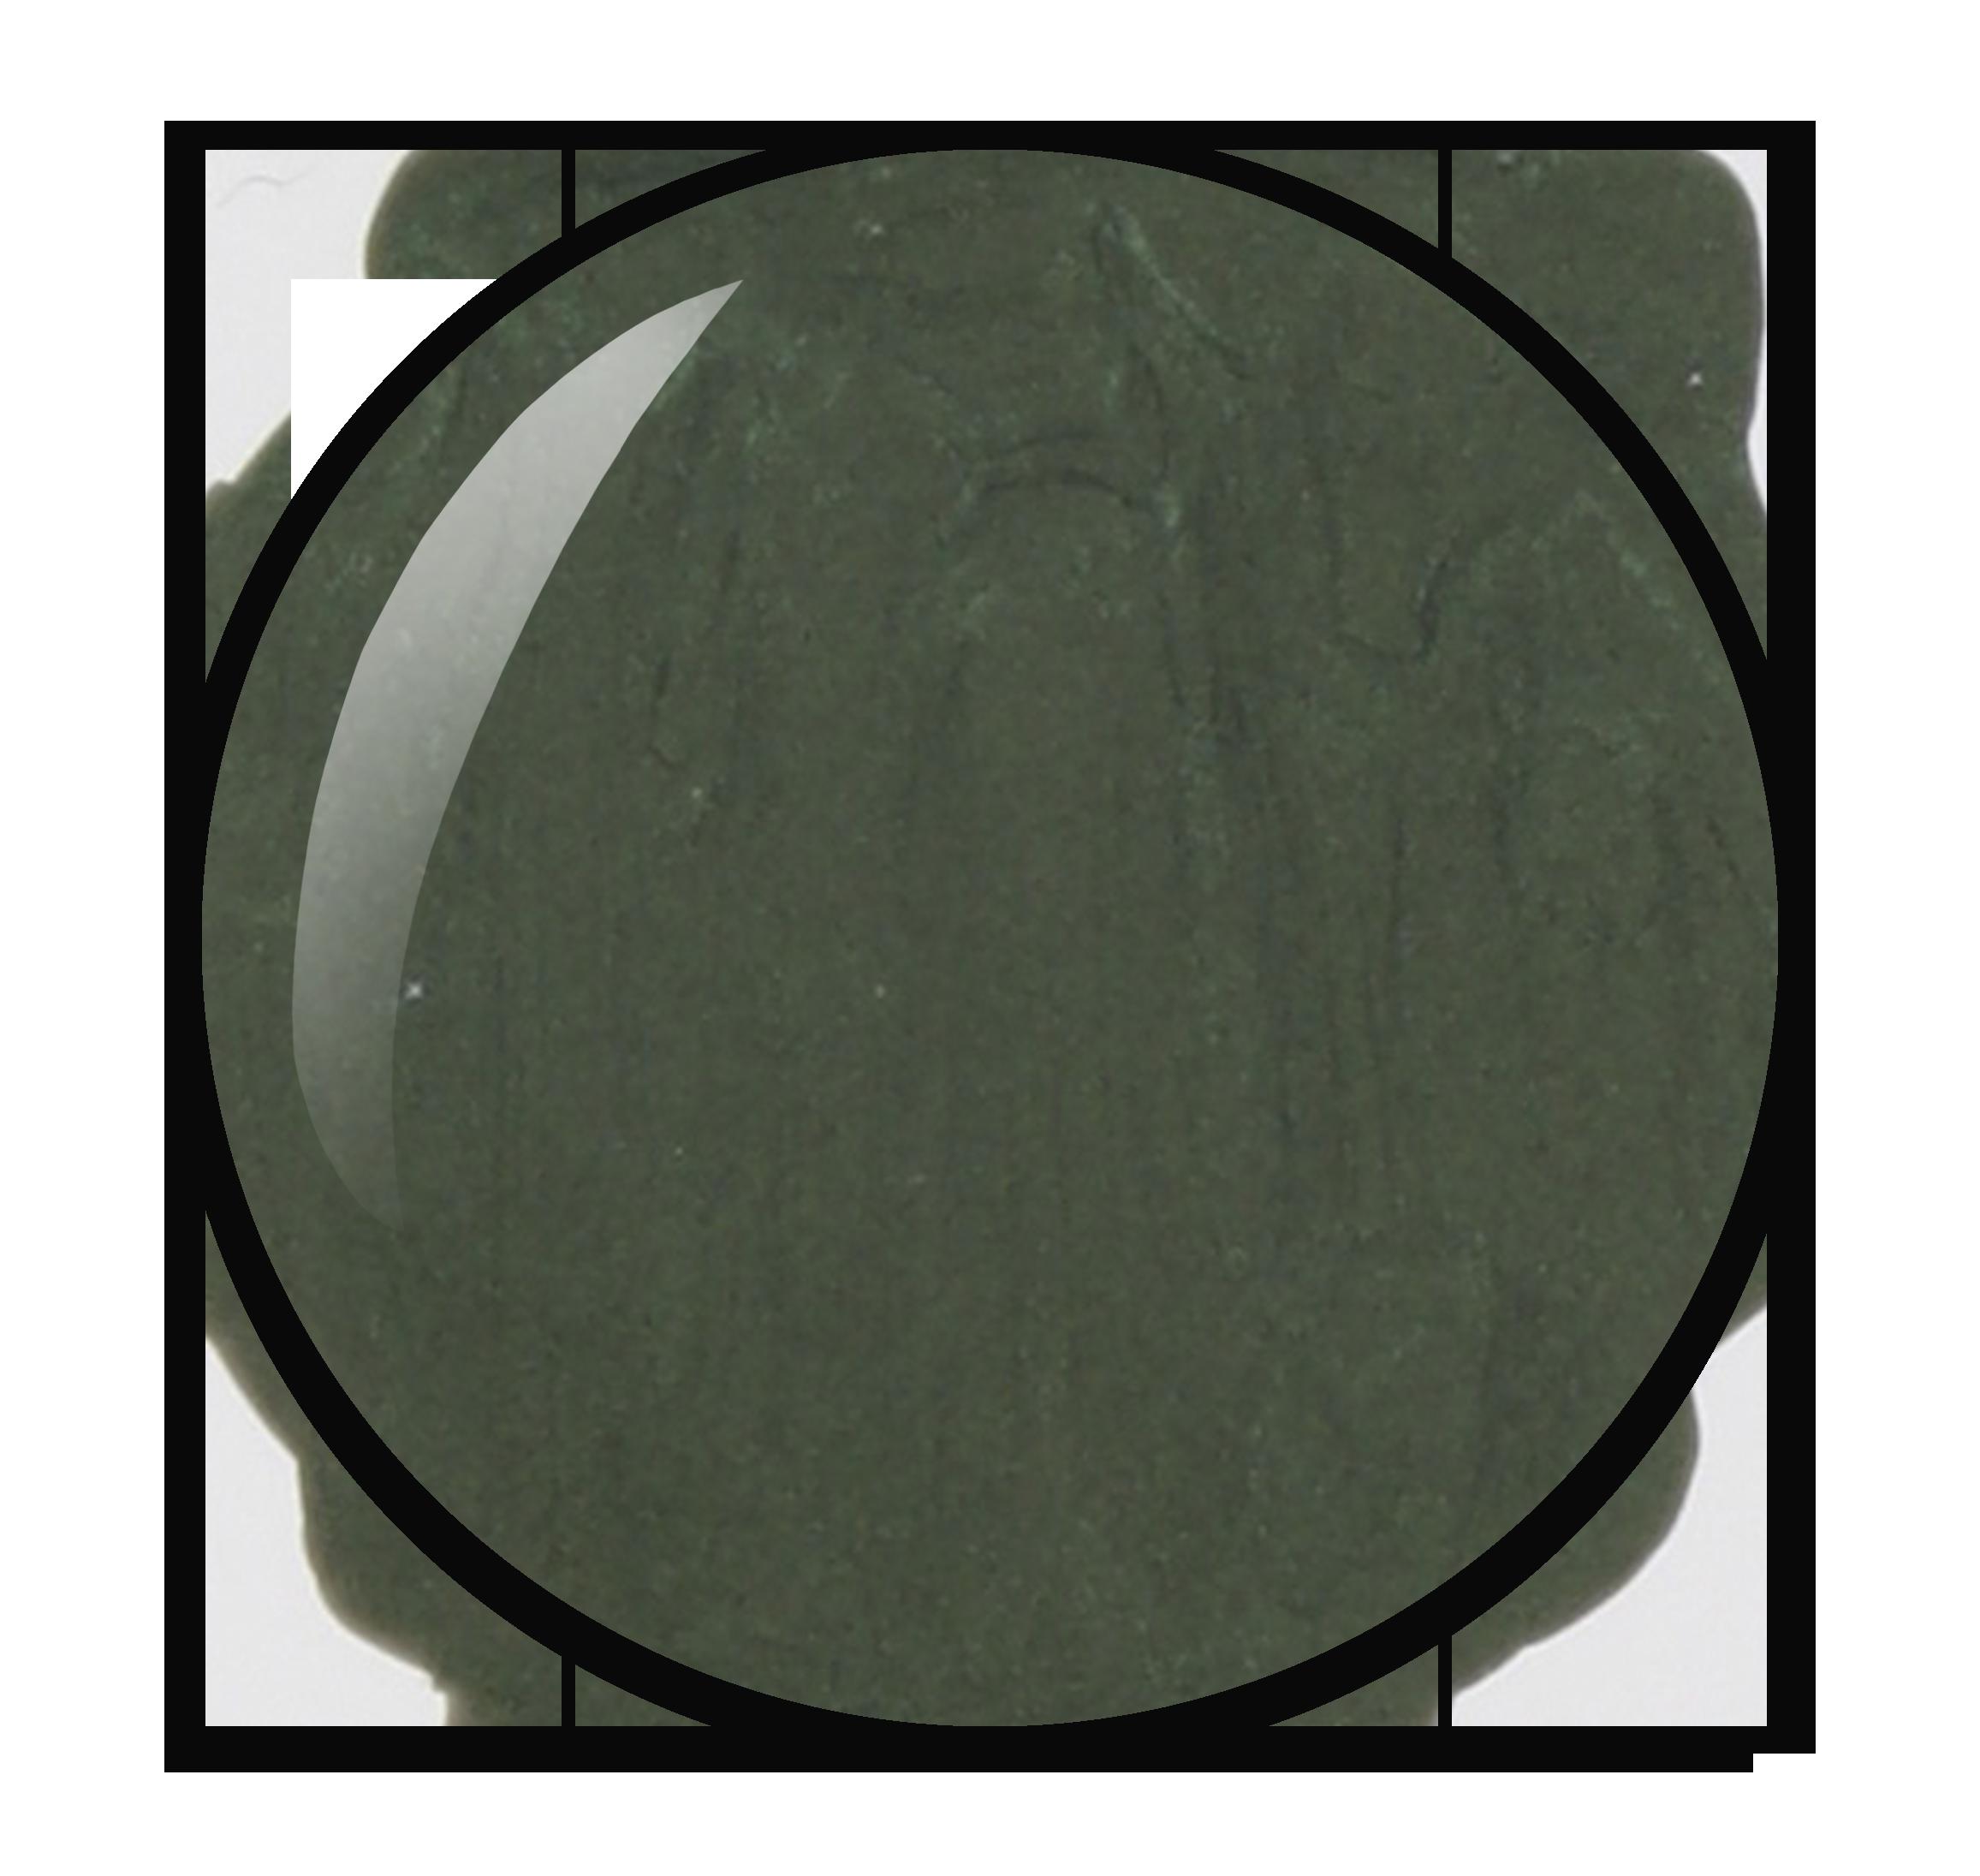 Metallic nagellak kleurnummer 181 uit de Herôme nagellak collectie